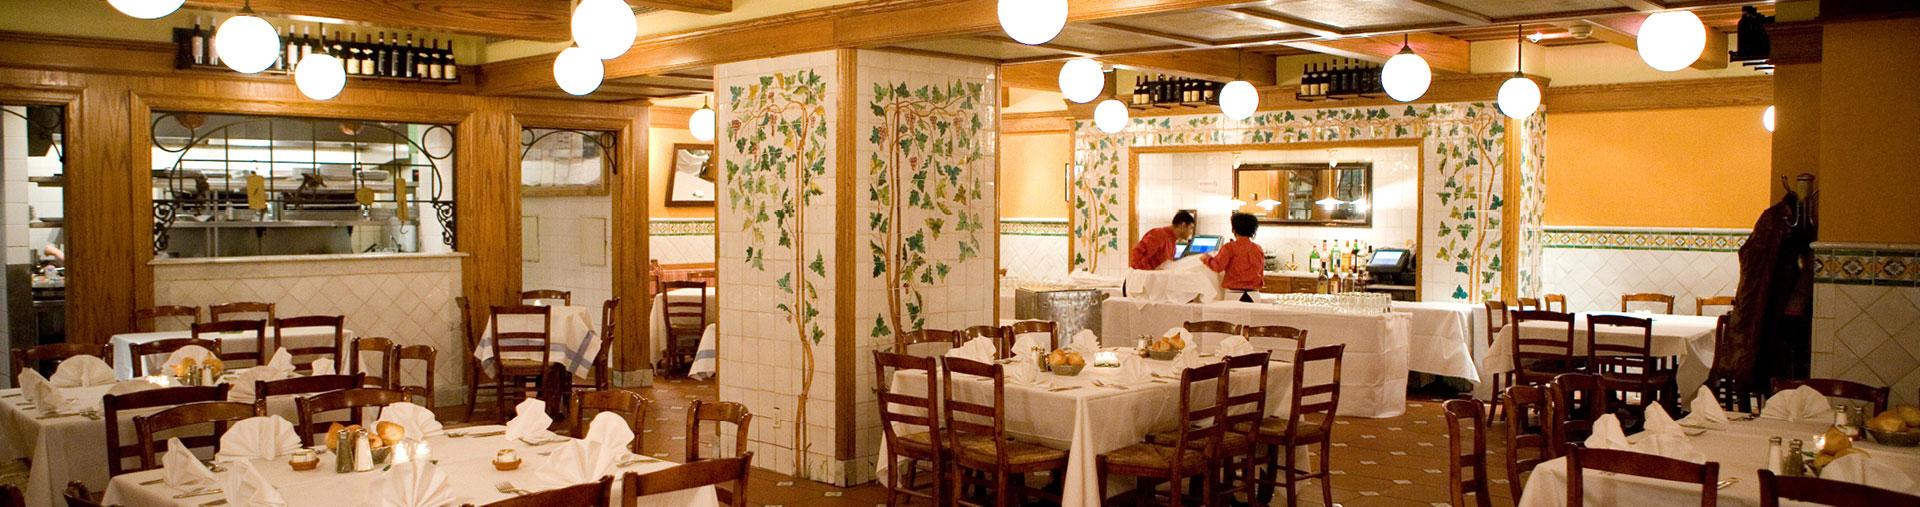 Cucina & Co. dining area